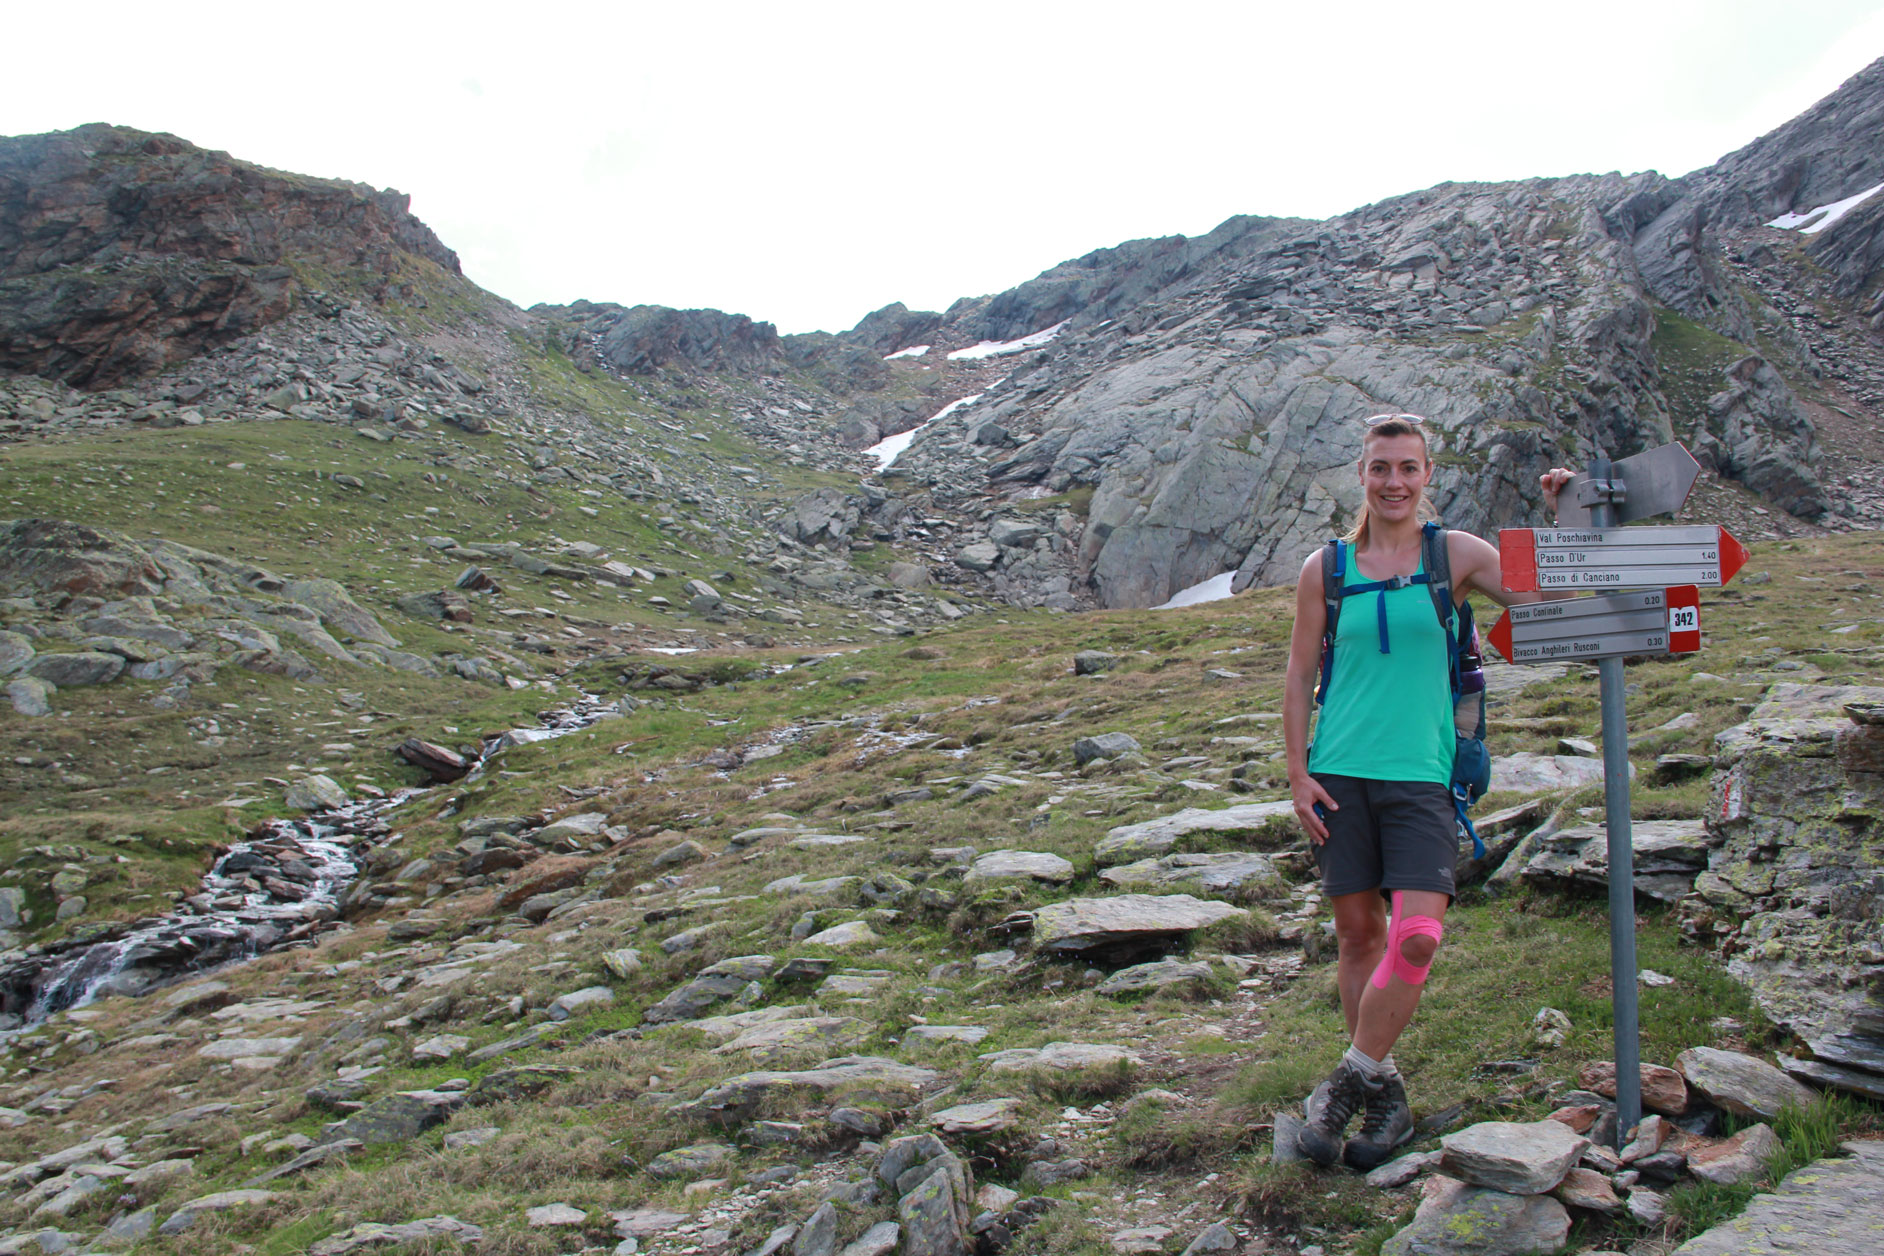 munichmountaingirls-berg-blog-frauen-julia-topp-wandern-hochtour-bernina-runde-schweiz-Pass-De-Canfinal